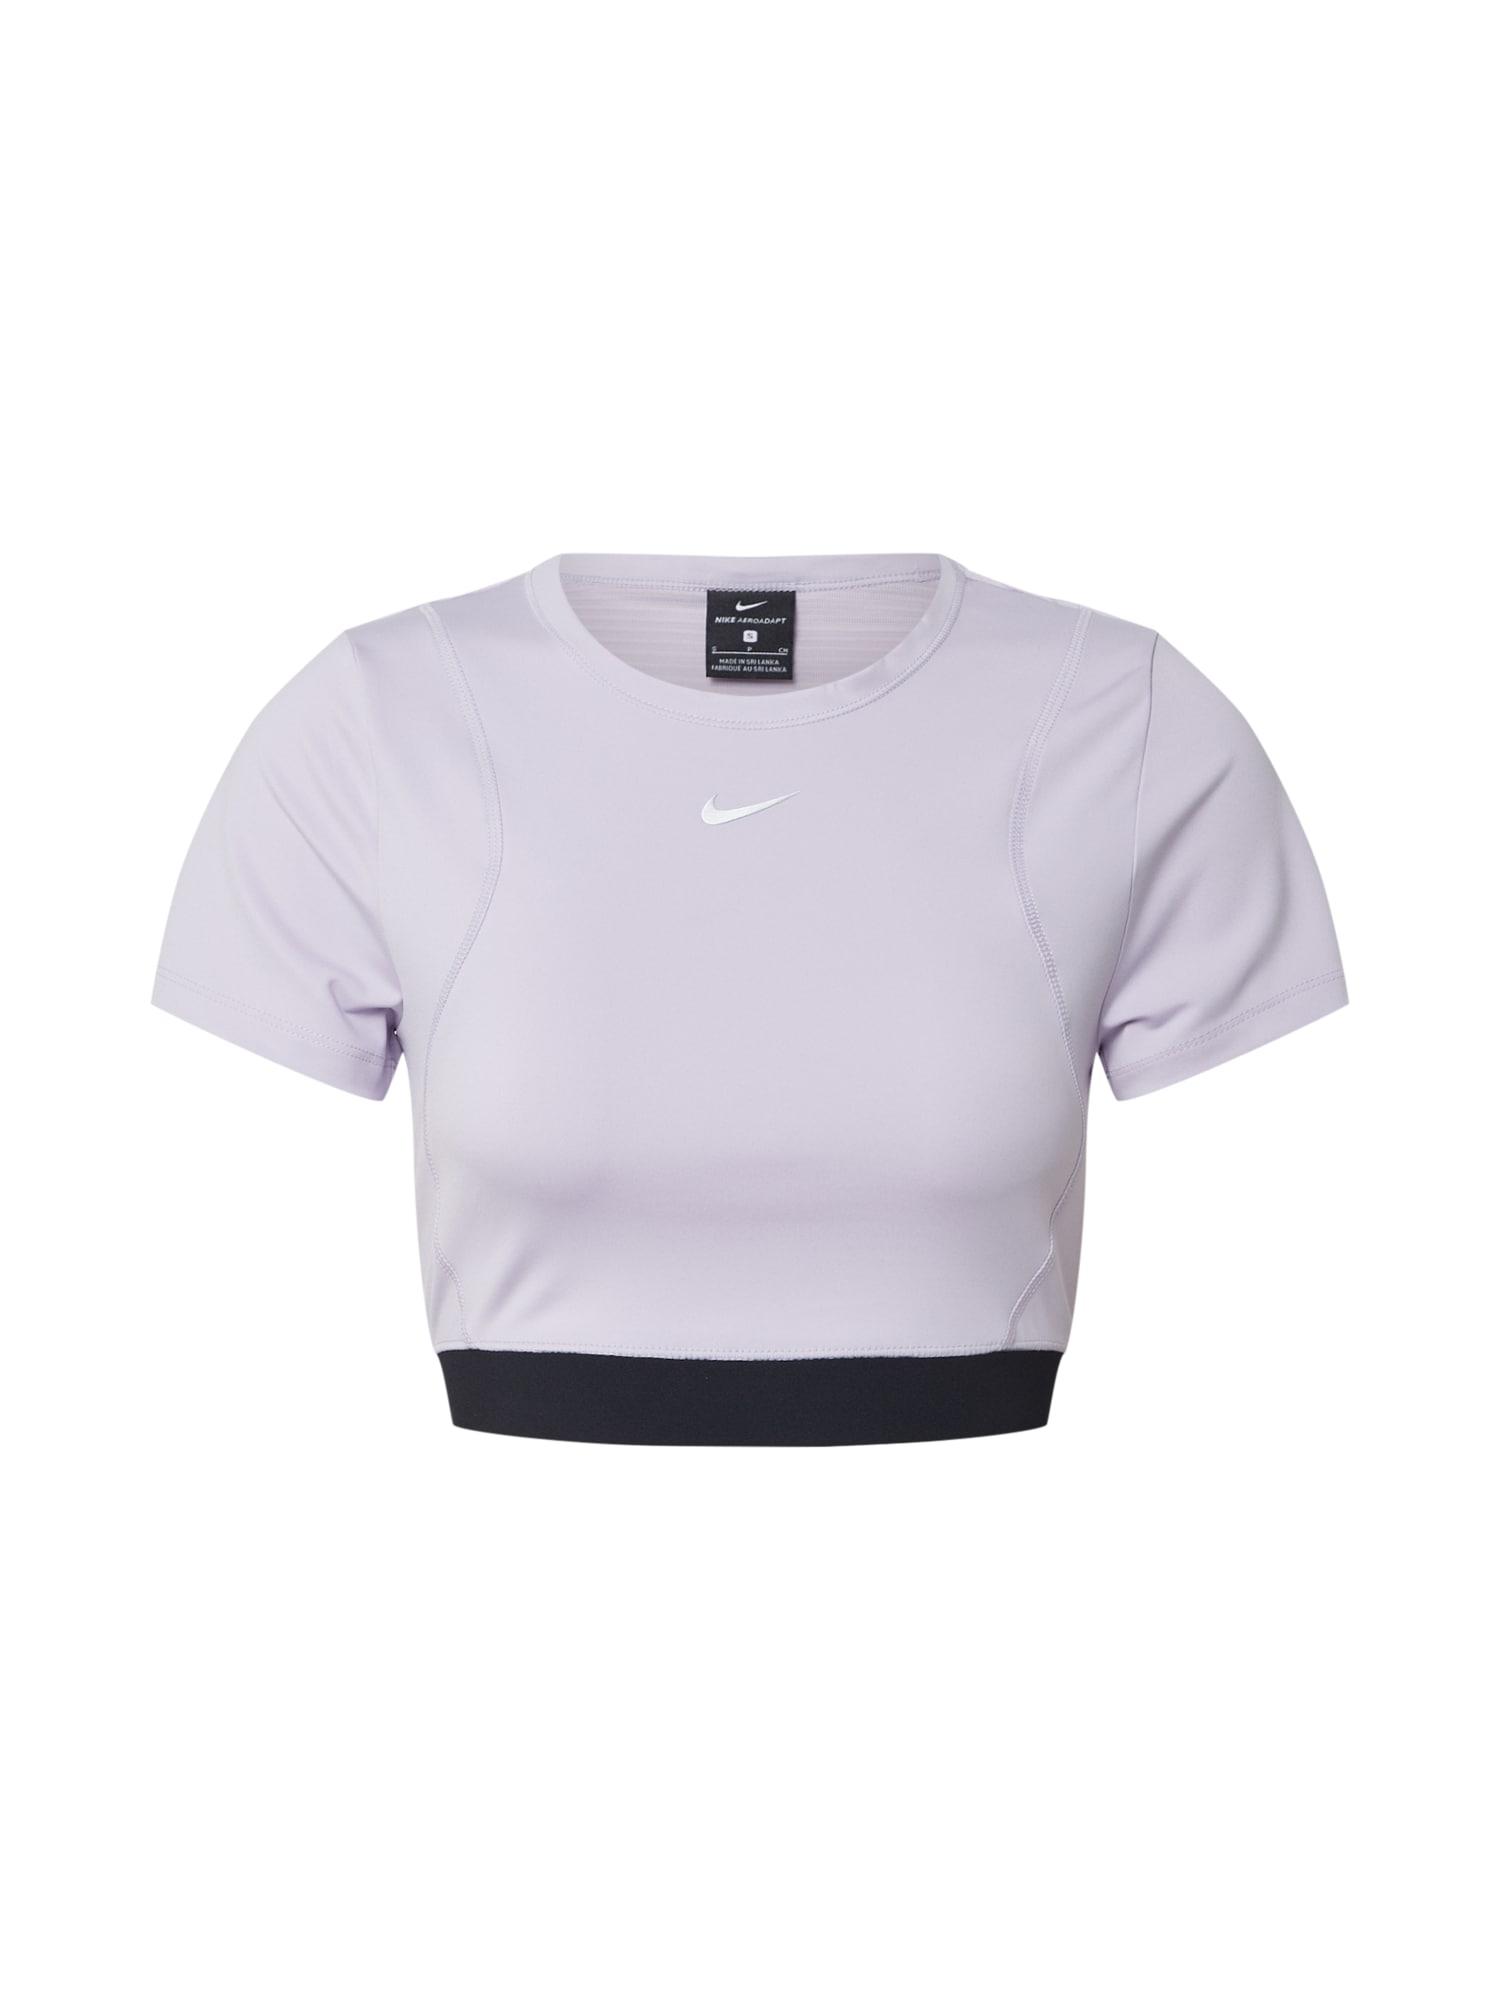 NIKE Marškinėliai 'AEROADPT ' juoda / alyvinė spalva